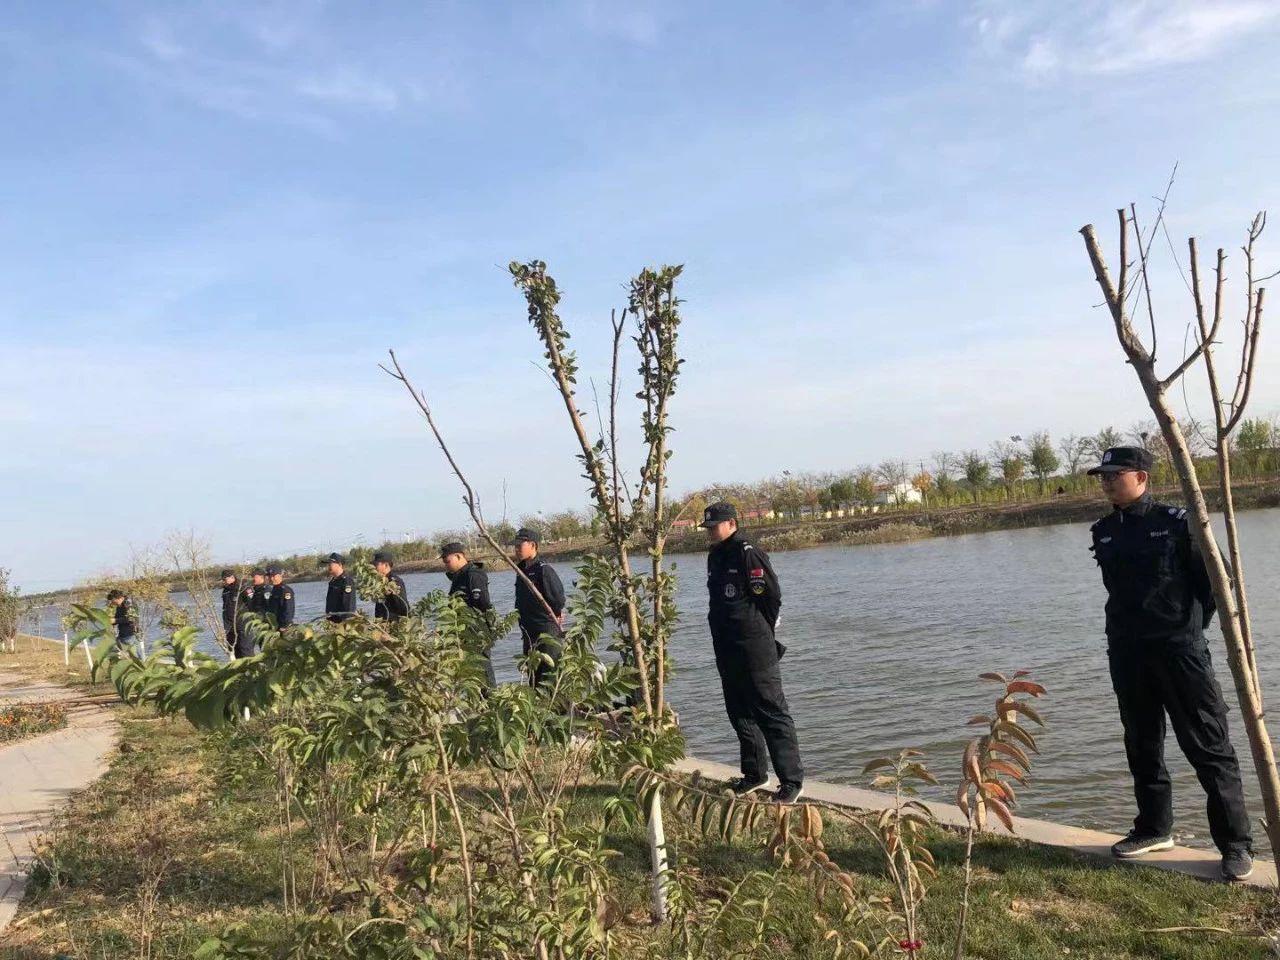 太平镇强制清除河道网具和网箱